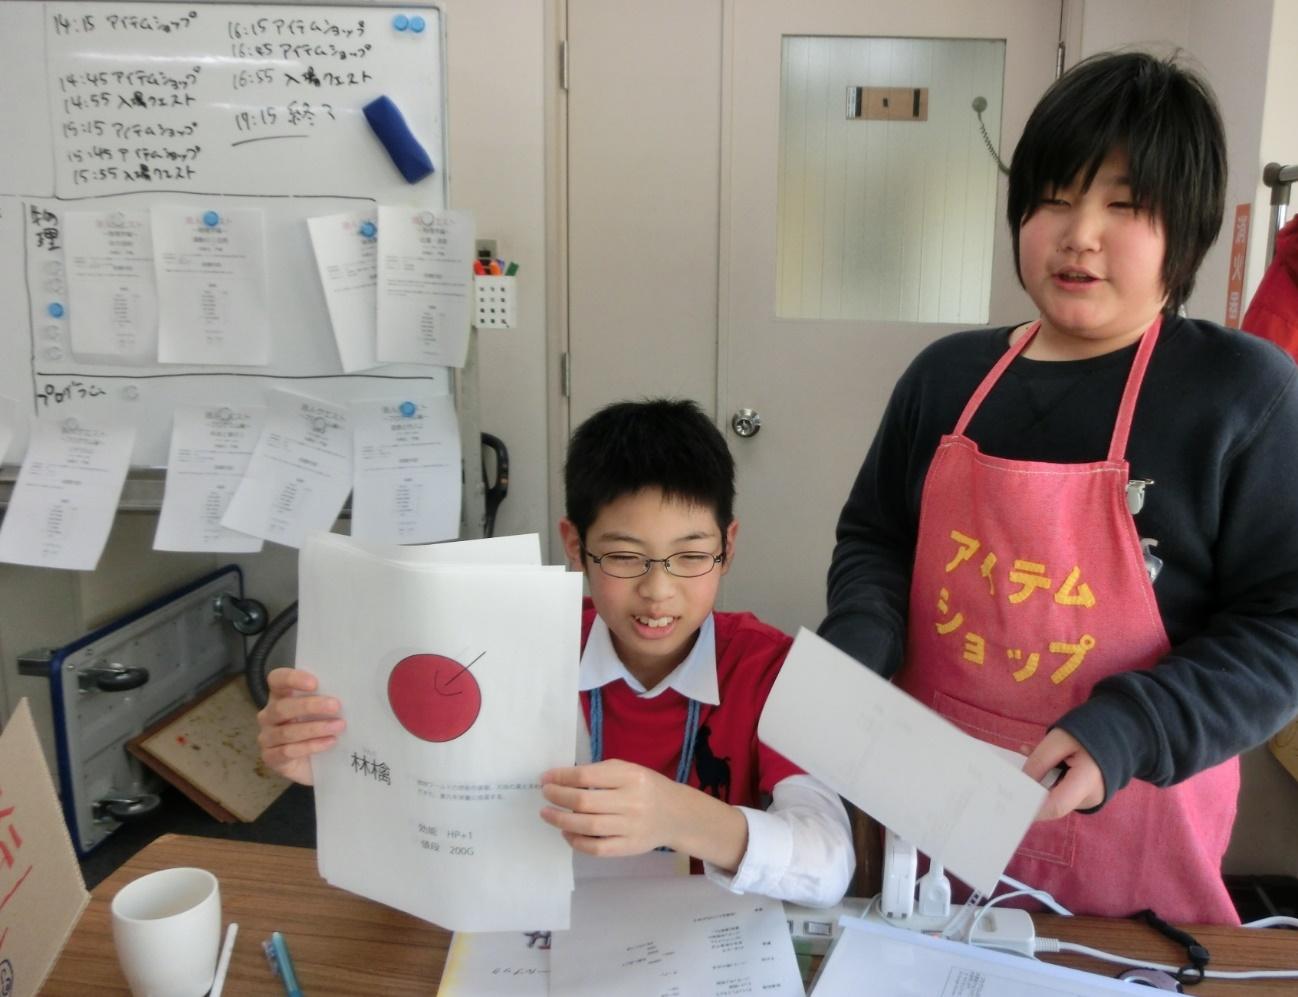 【写真7】ゲームのなかでアイテムショップの手伝いをする参加者